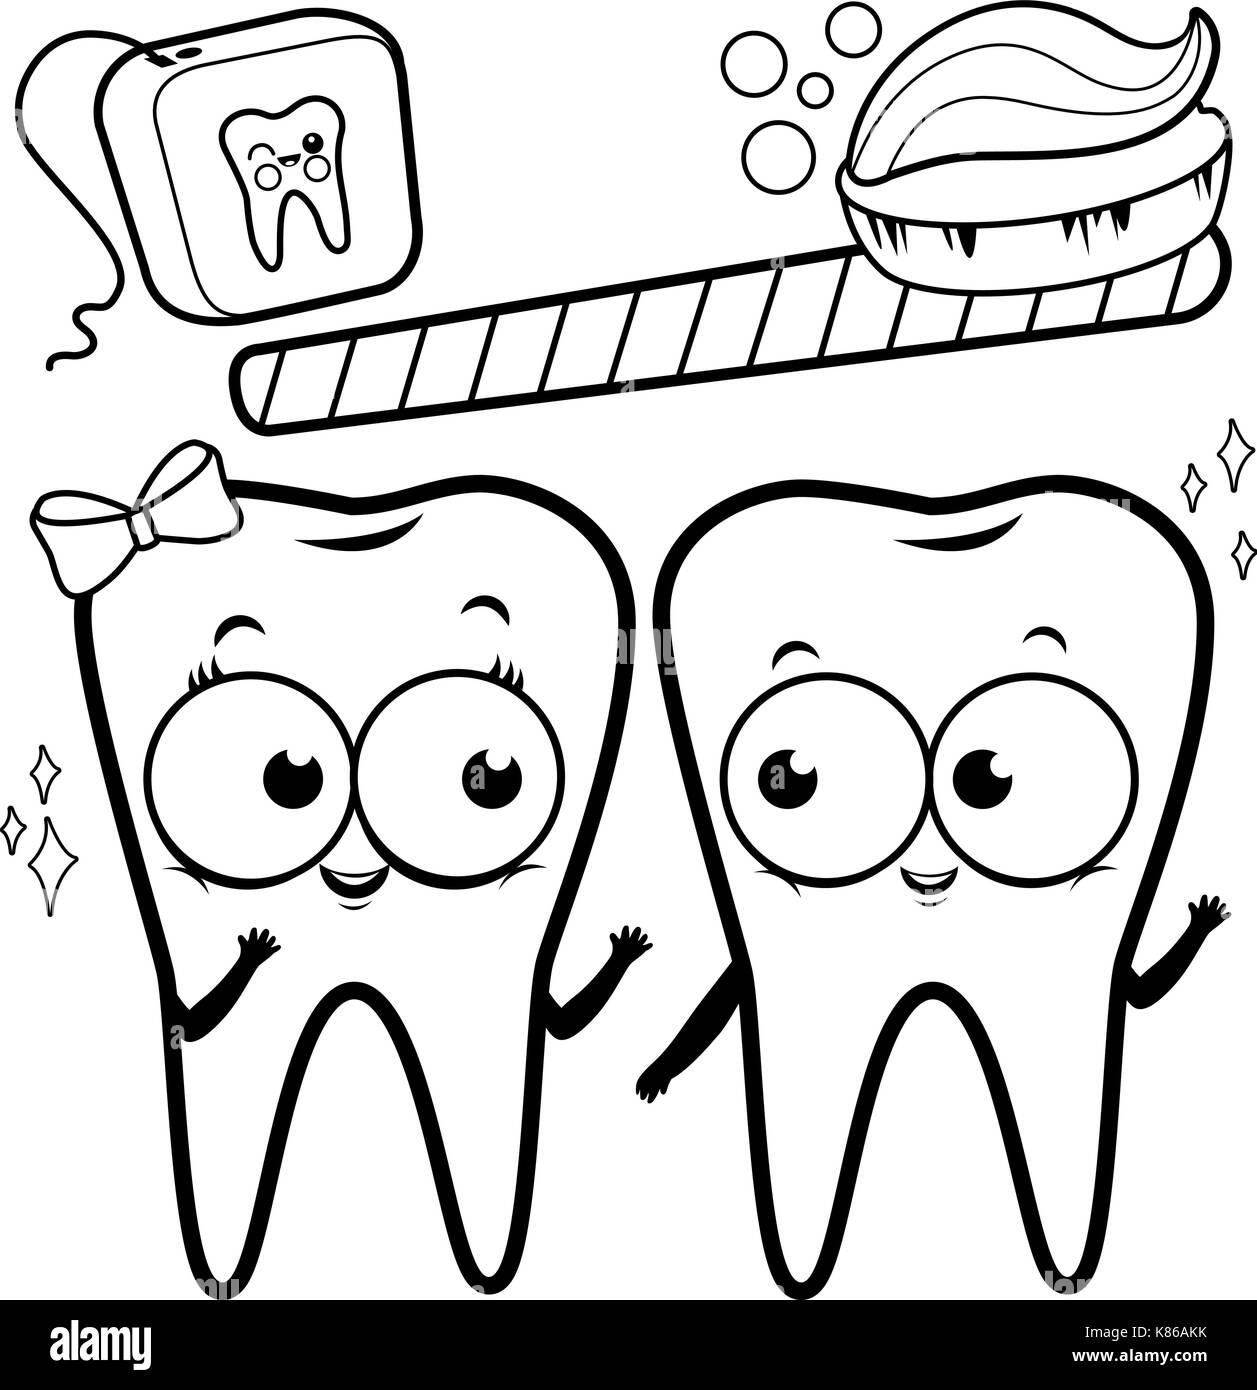 Les Dents Avec Une Brosse A Dents Dessin Anime Et Fil Dentaire Noir Et Blanc Page De Coloriage Image Vectorielle Stock Alamy